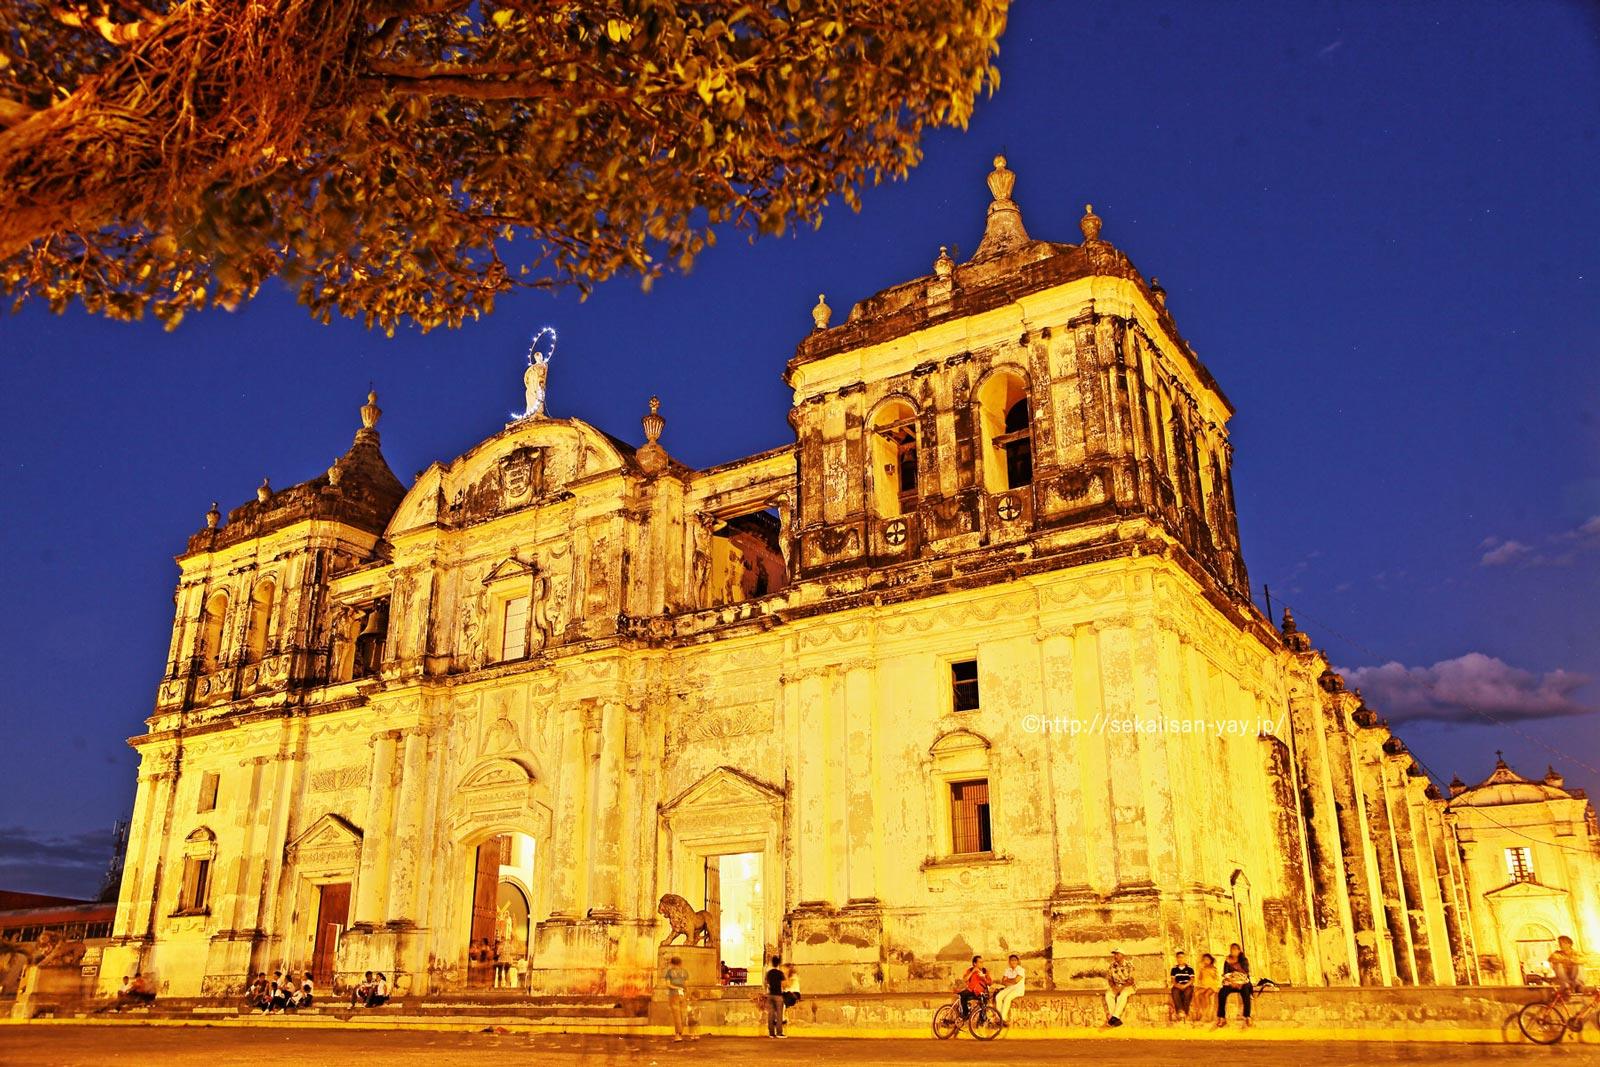 ニカラグア「レオン大聖堂」